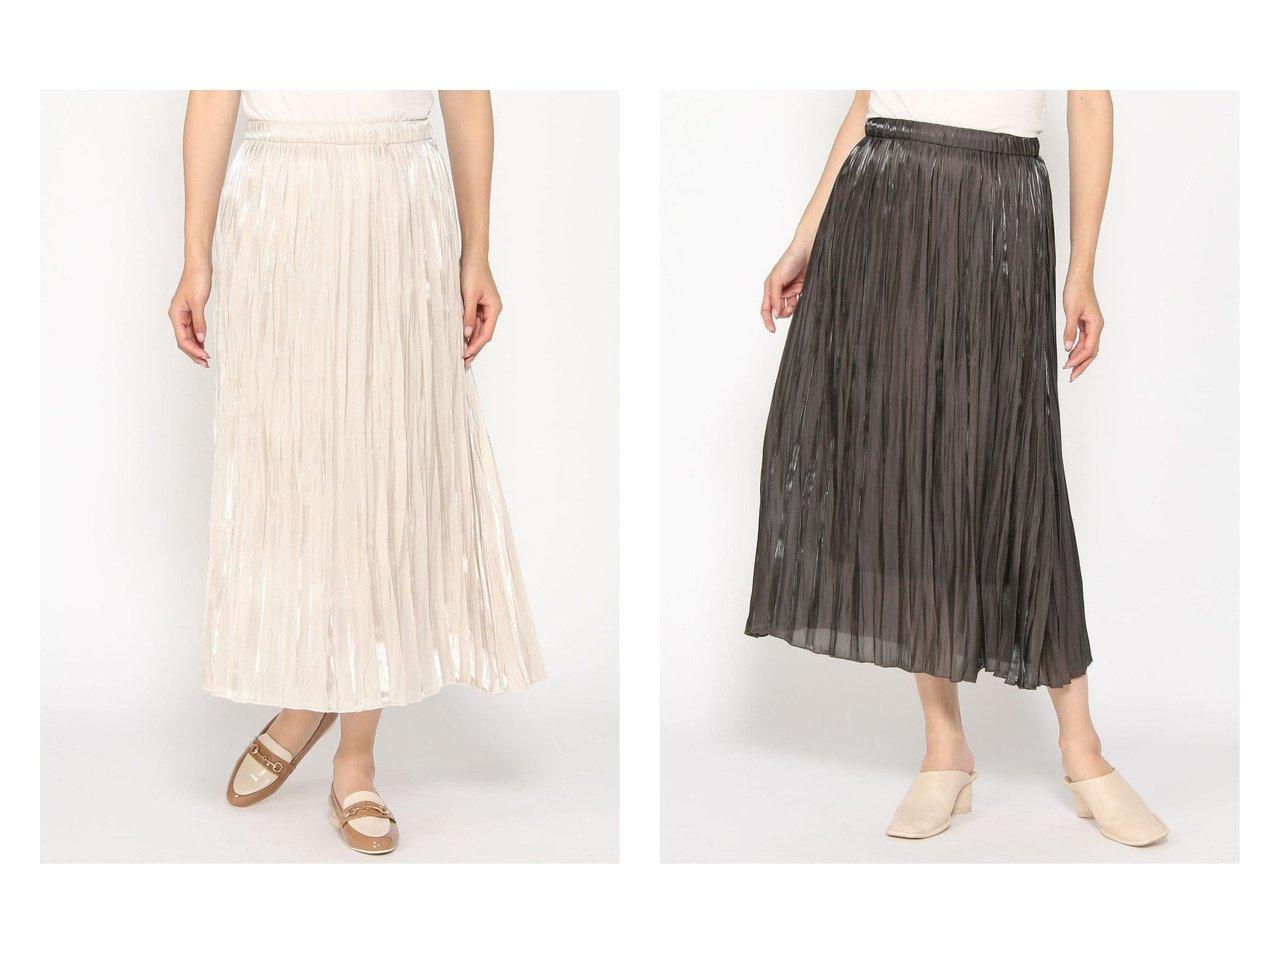 【LOWRYS FARM/ローリーズファーム】のエアリーブライトスカート おすすめ!人気、トレンド・レディースファッションの通販 おすすめで人気の流行・トレンド、ファッションの通販商品 インテリア・家具・メンズファッション・キッズファッション・レディースファッション・服の通販 founy(ファニー) https://founy.com/ ファッション Fashion レディースファッション WOMEN スカート Skirt プリーツスカート Pleated Skirts ギャザー サテン ショート ブライト プリーツ リラックス |ID:crp329100000071739